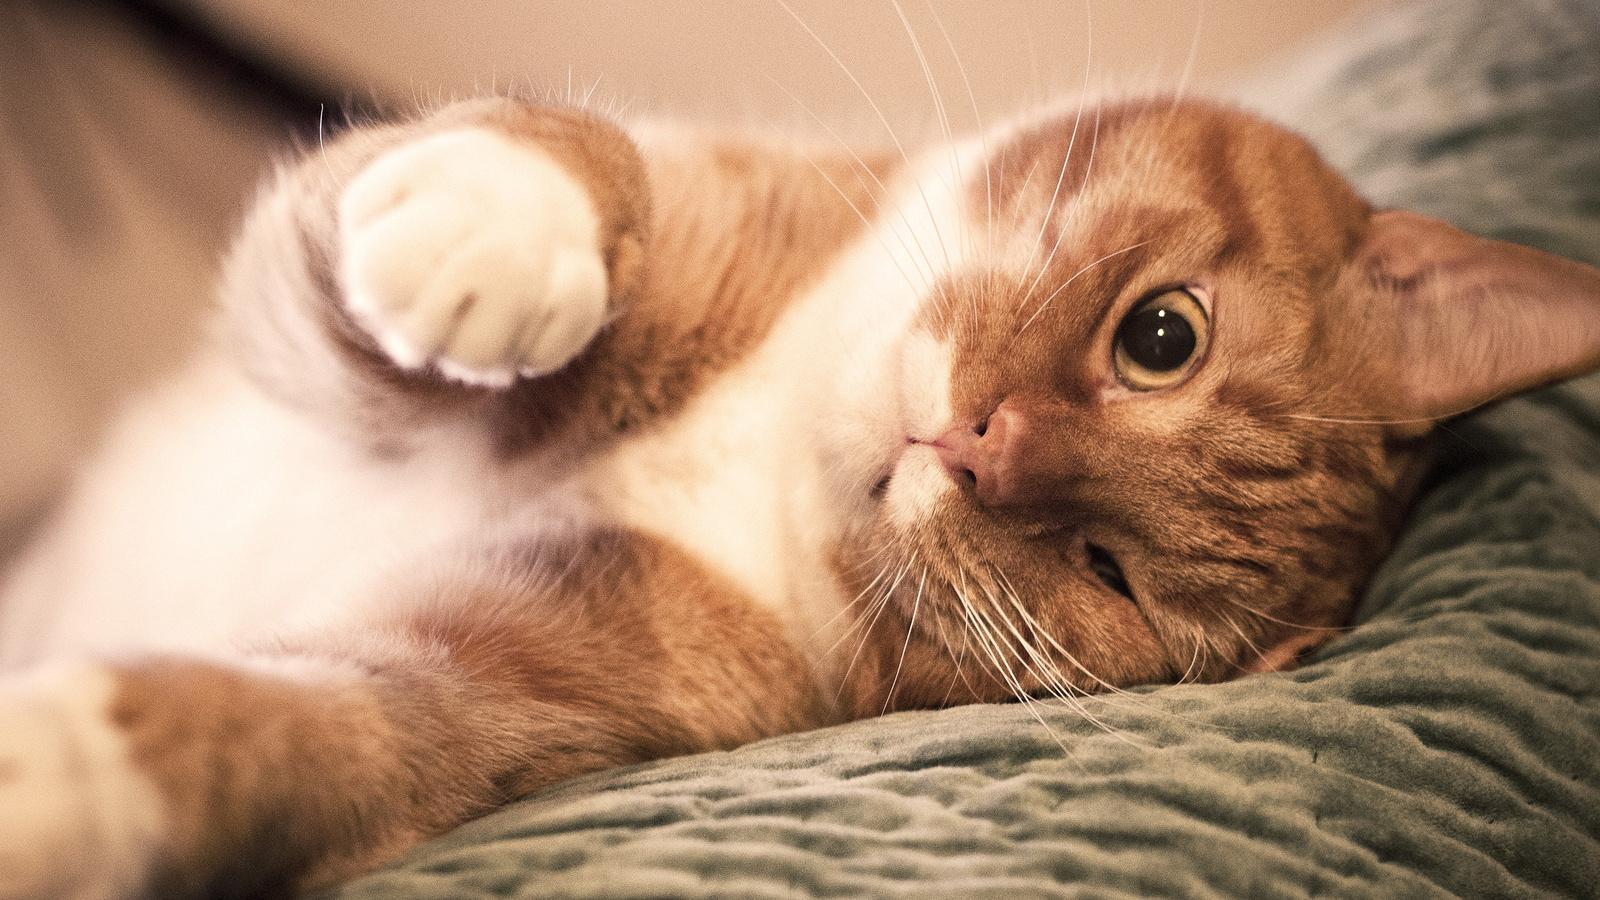 нос, Кот, прищурил глаз, лапы, рыжий